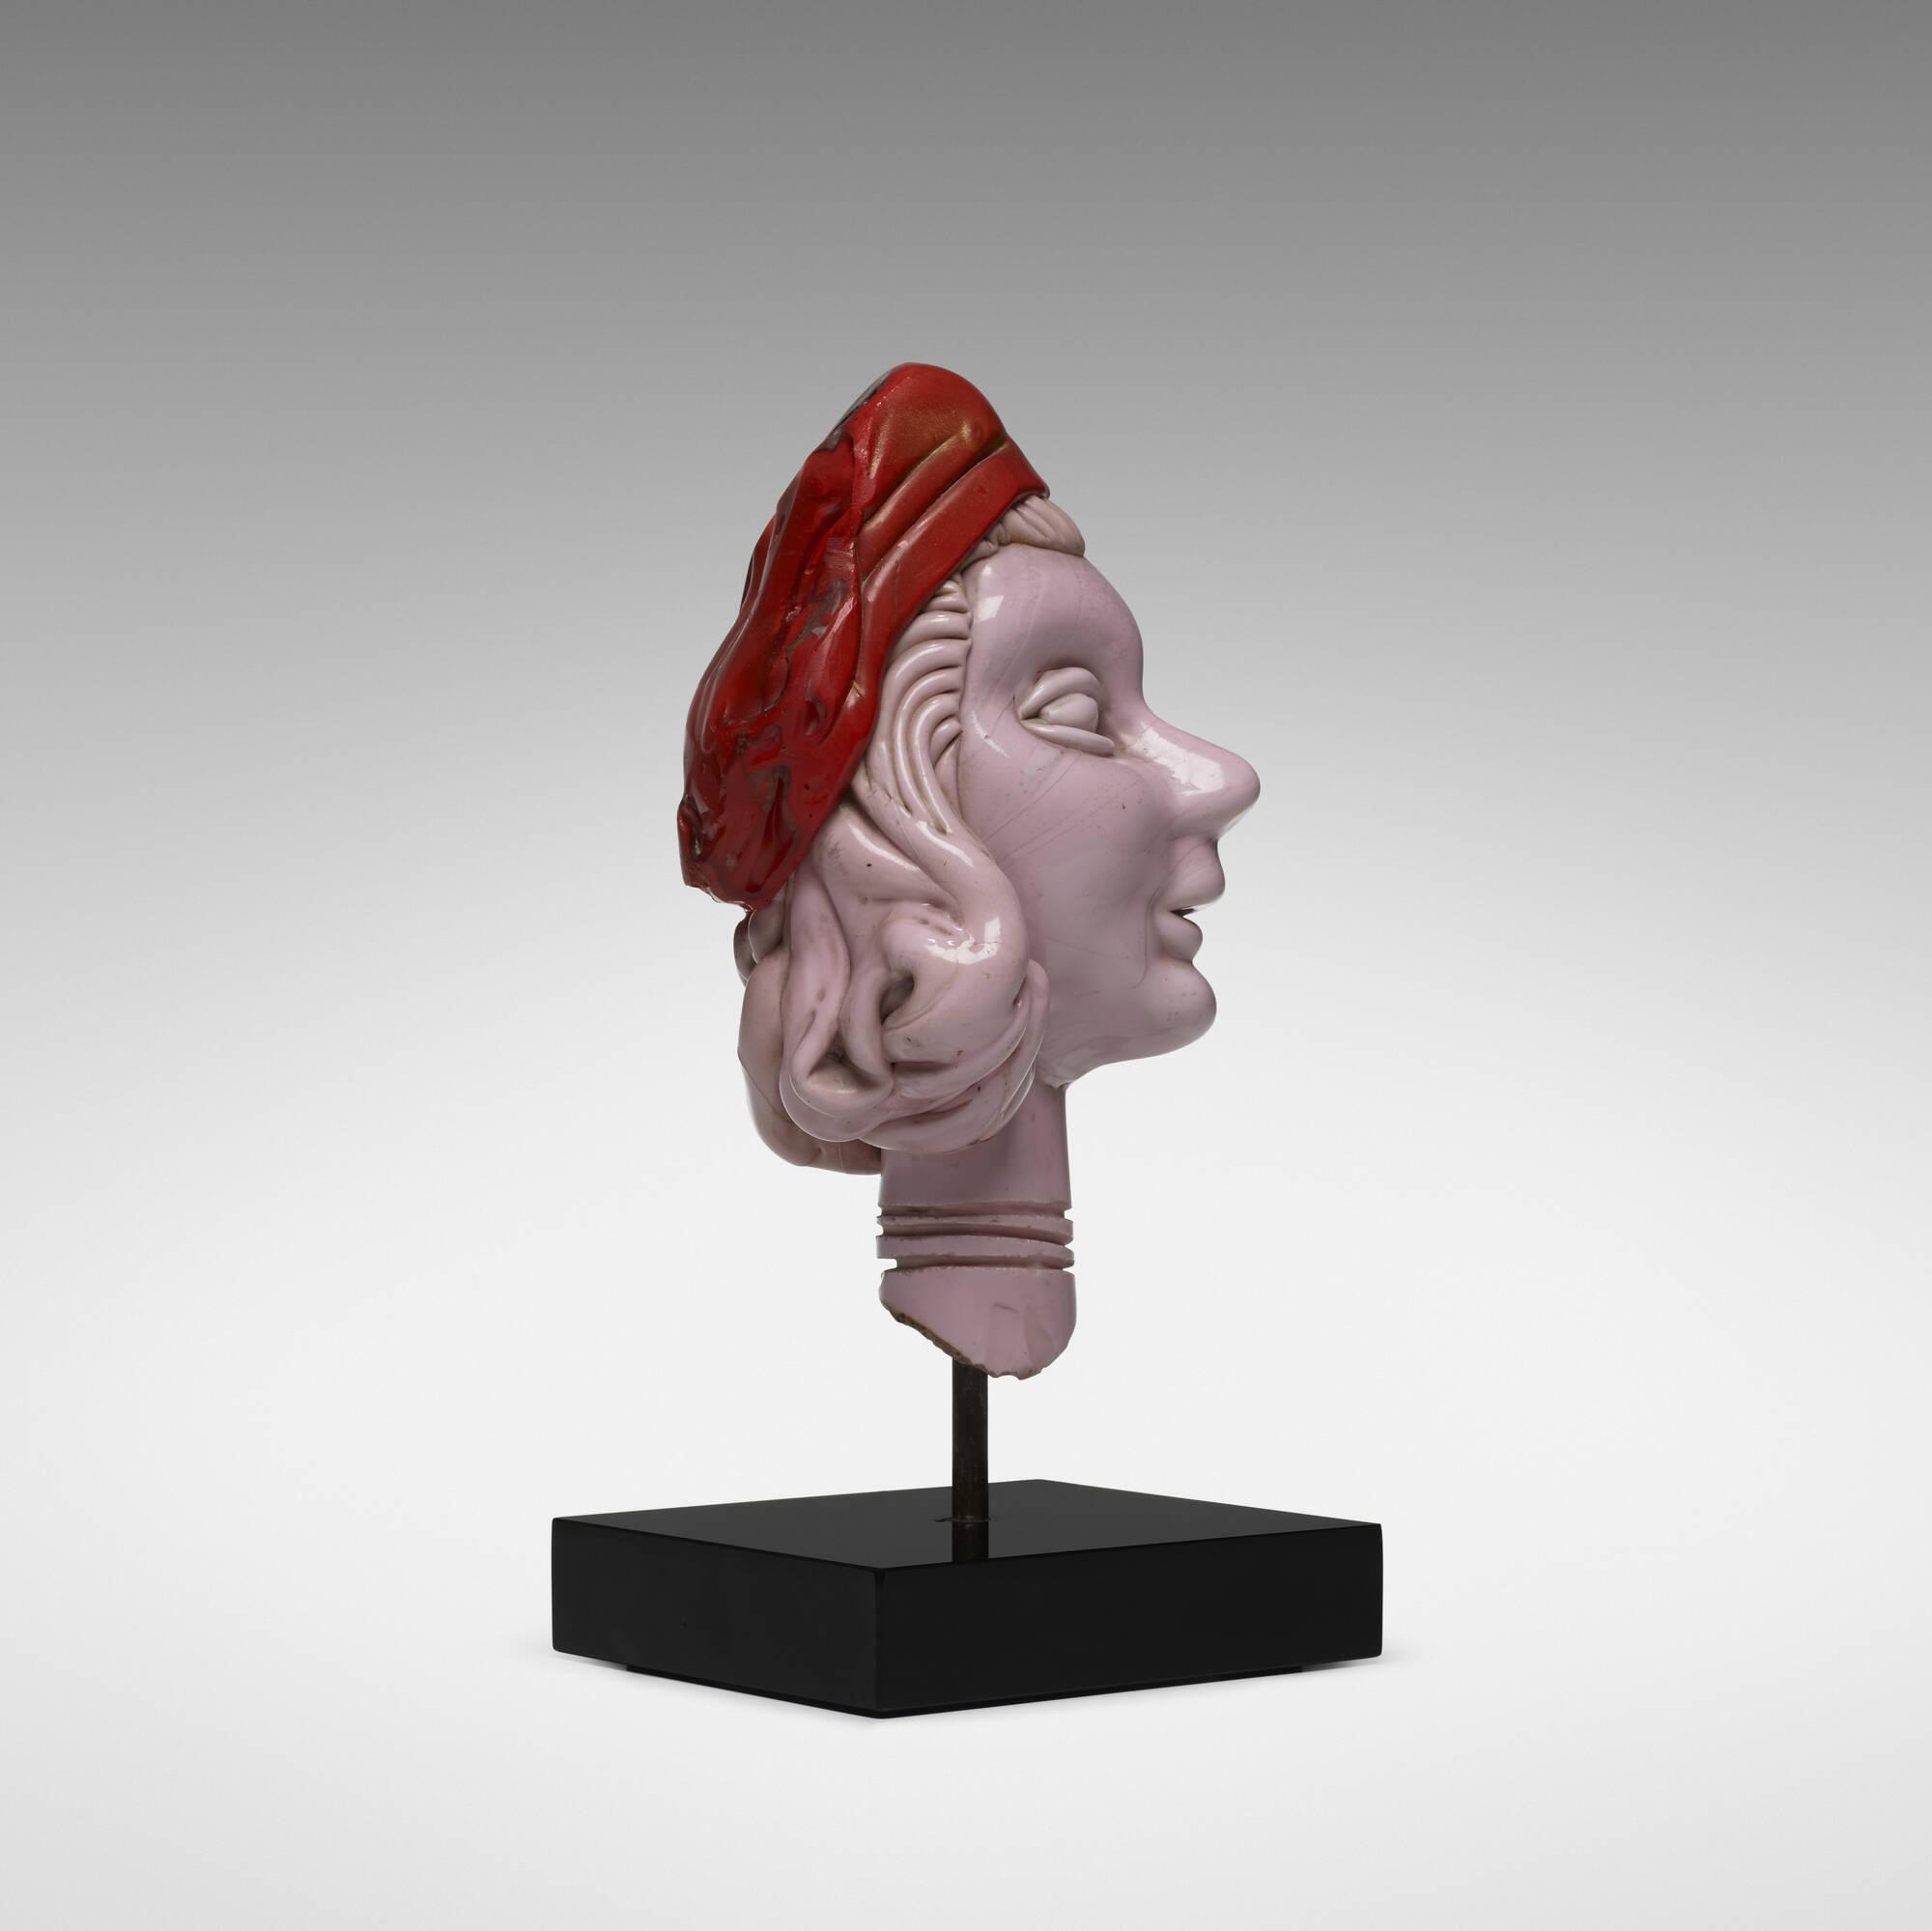 135: Fulvio Bianconi / sculpture (1 of 2)